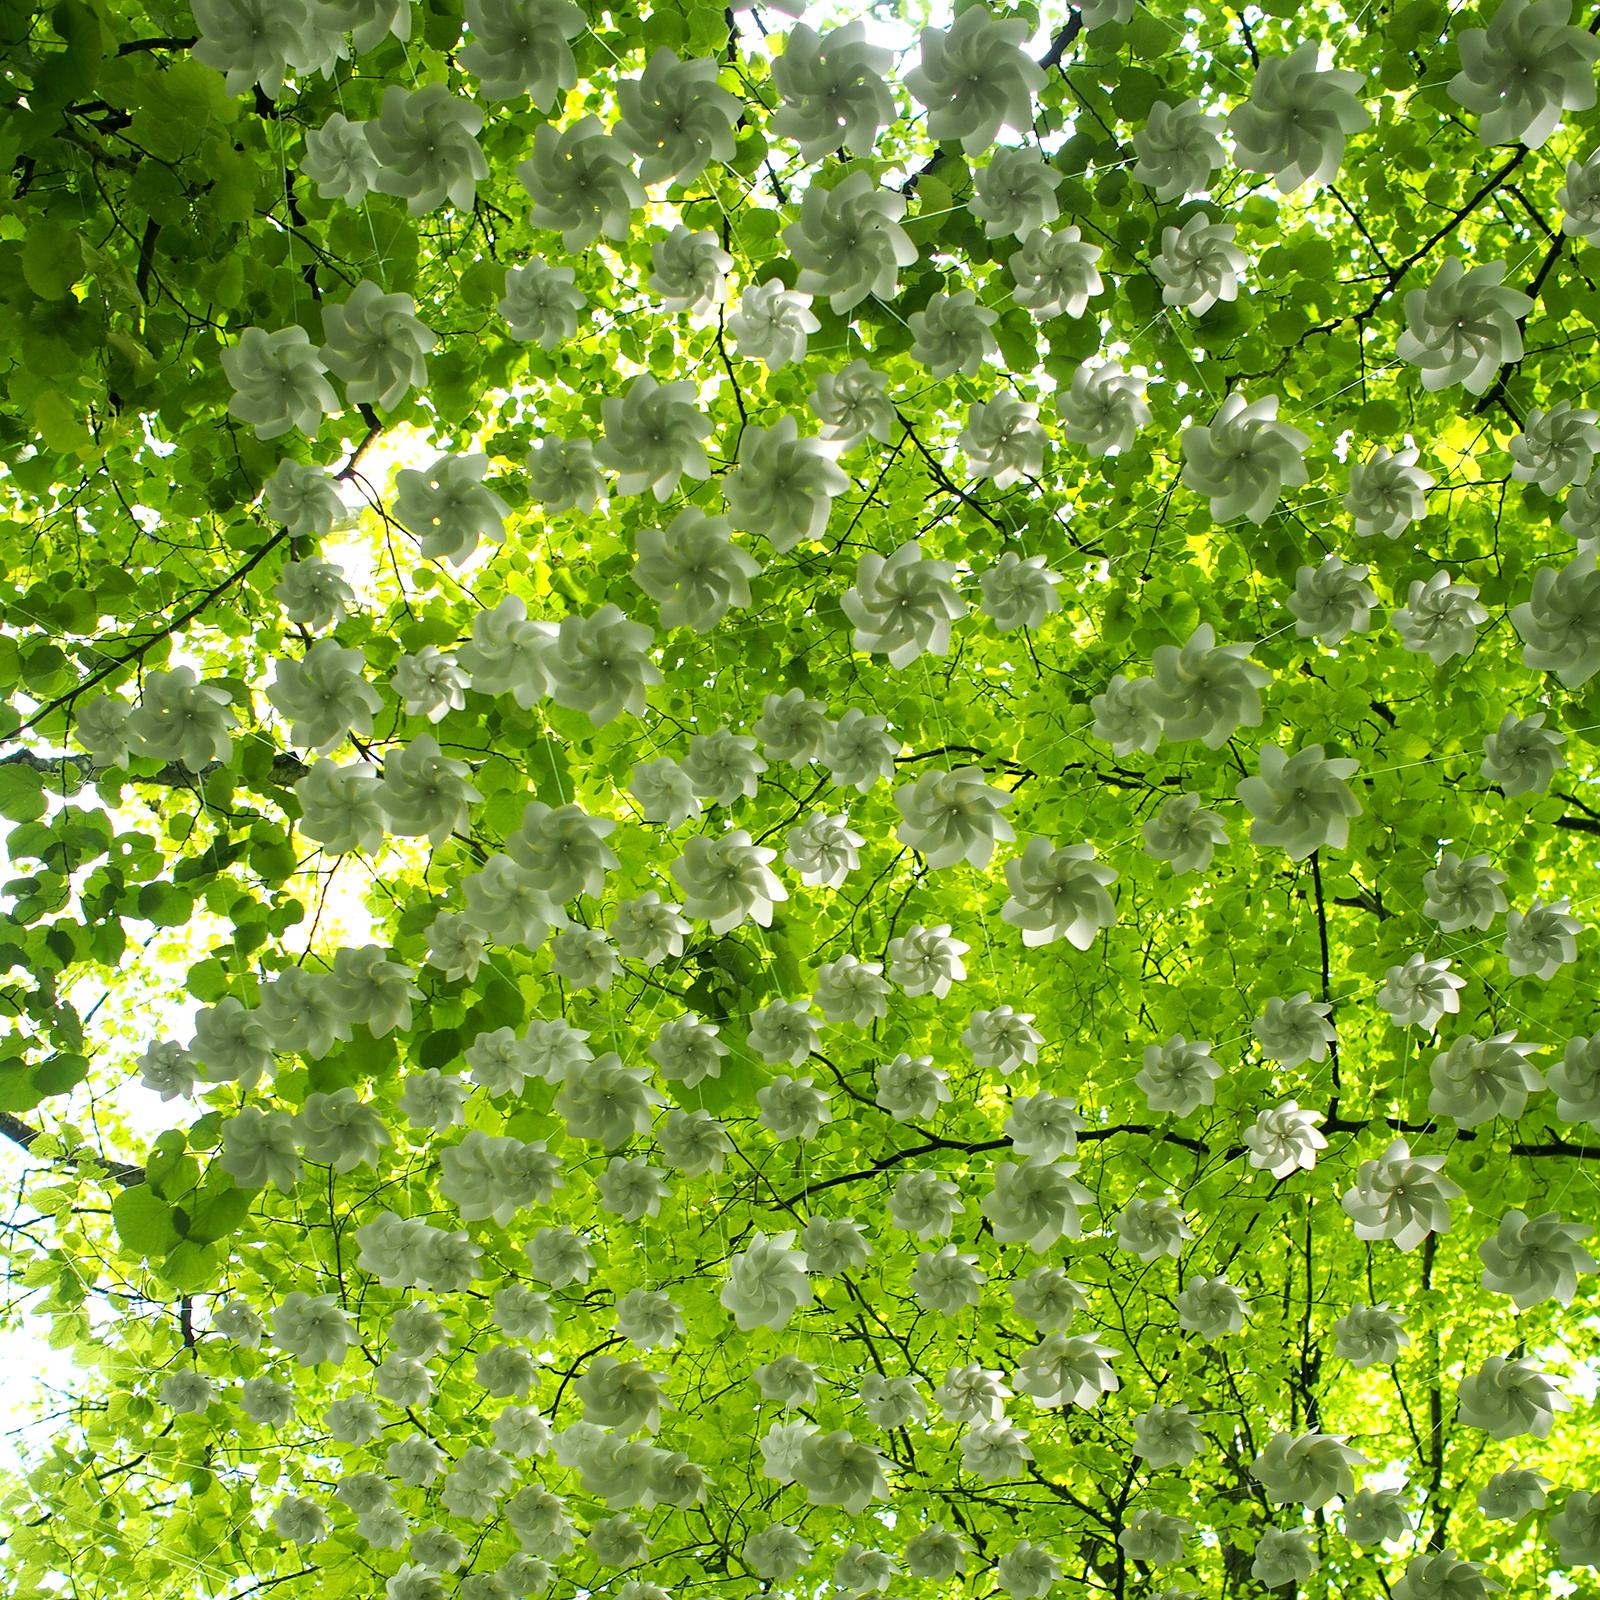 un plafond d'hélices comme un ciel de papier blanc